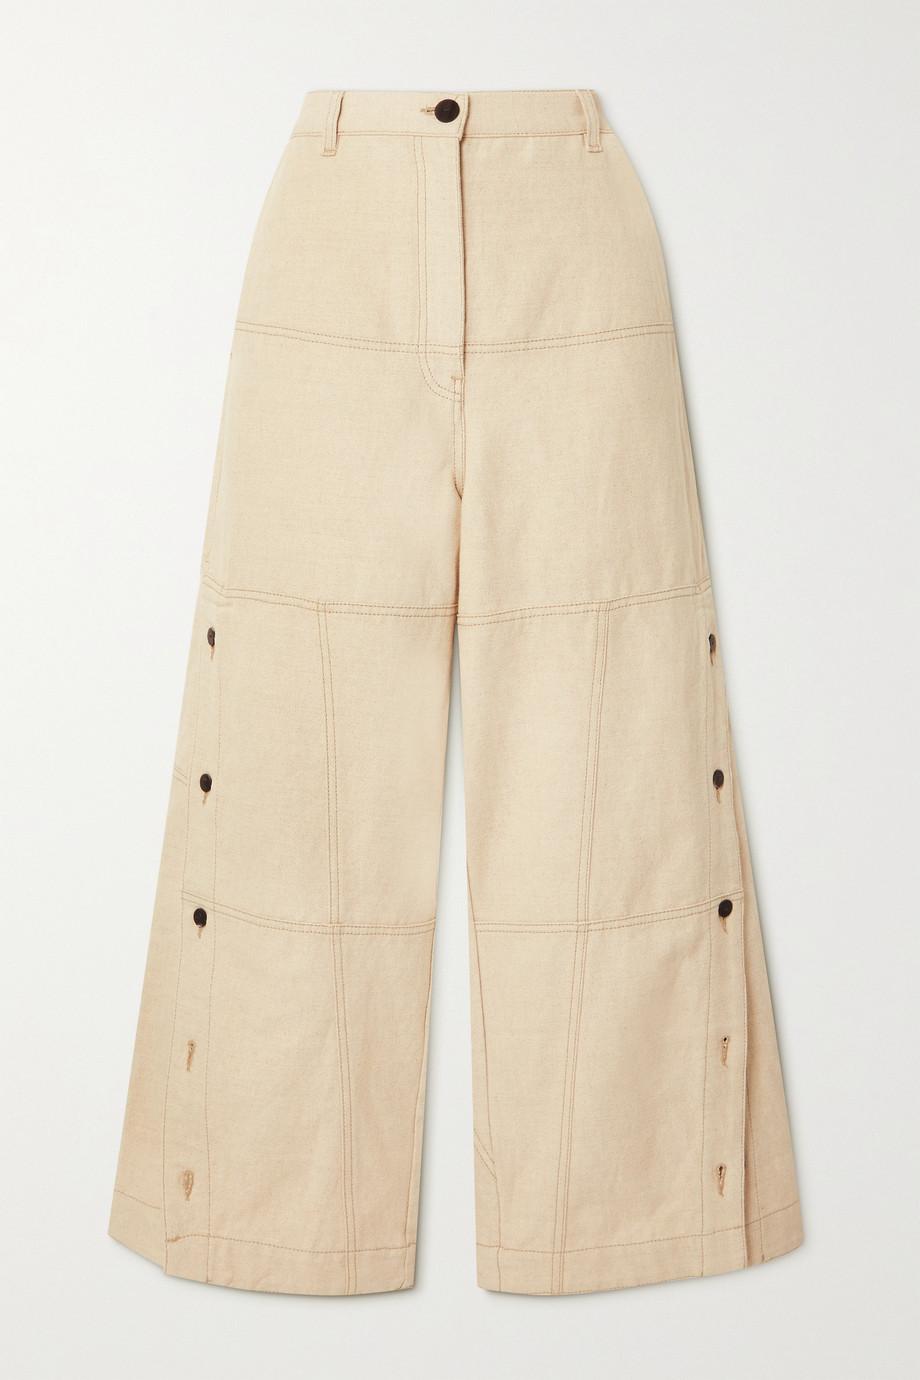 Loewe Pantalon large en coton et lin mélangés à boutons